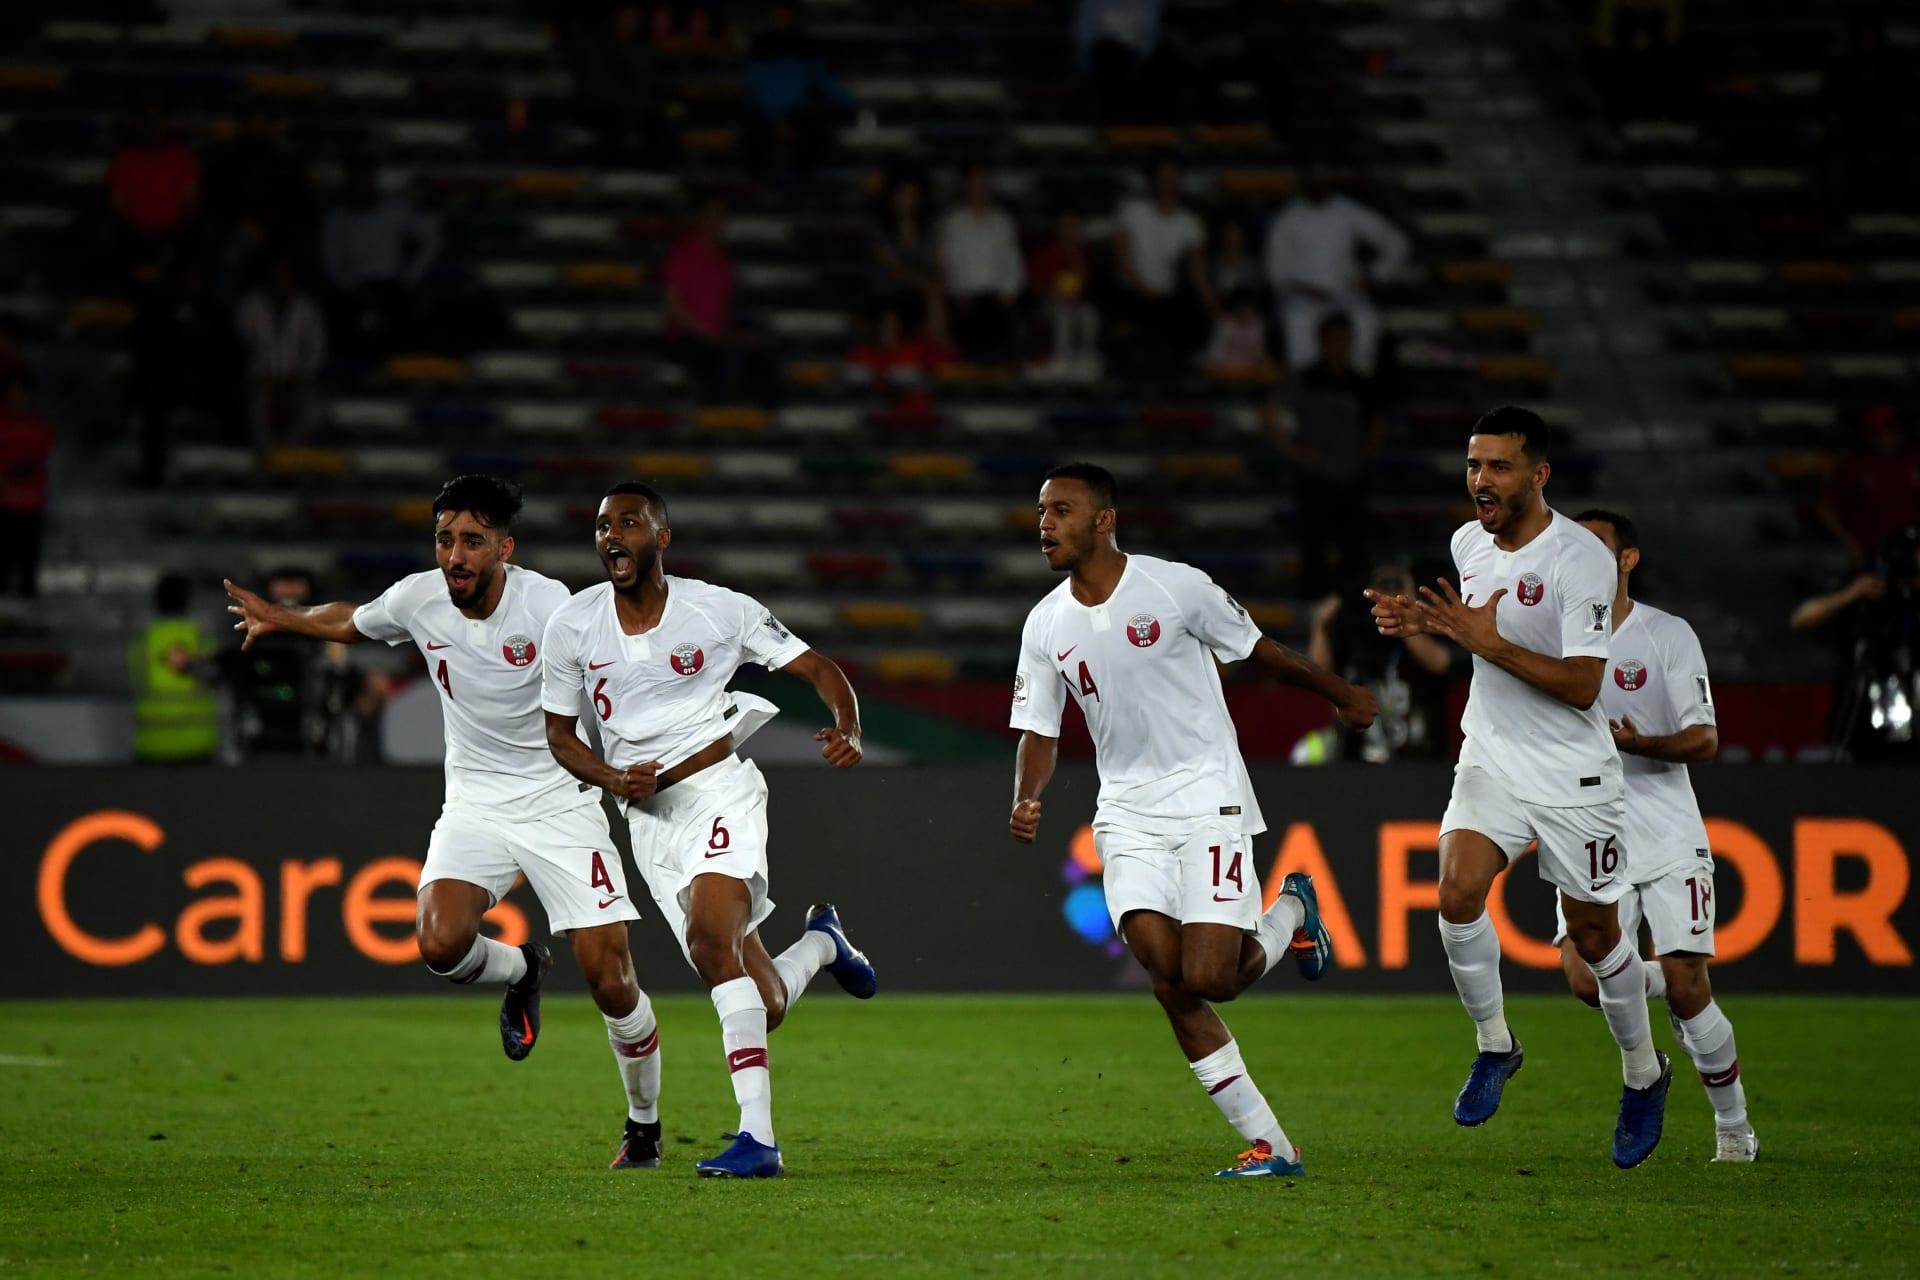 للمرة الأولى في تاريخها.. قطر في نصف كأس آسيا على حسبا كوريا الجنوبية